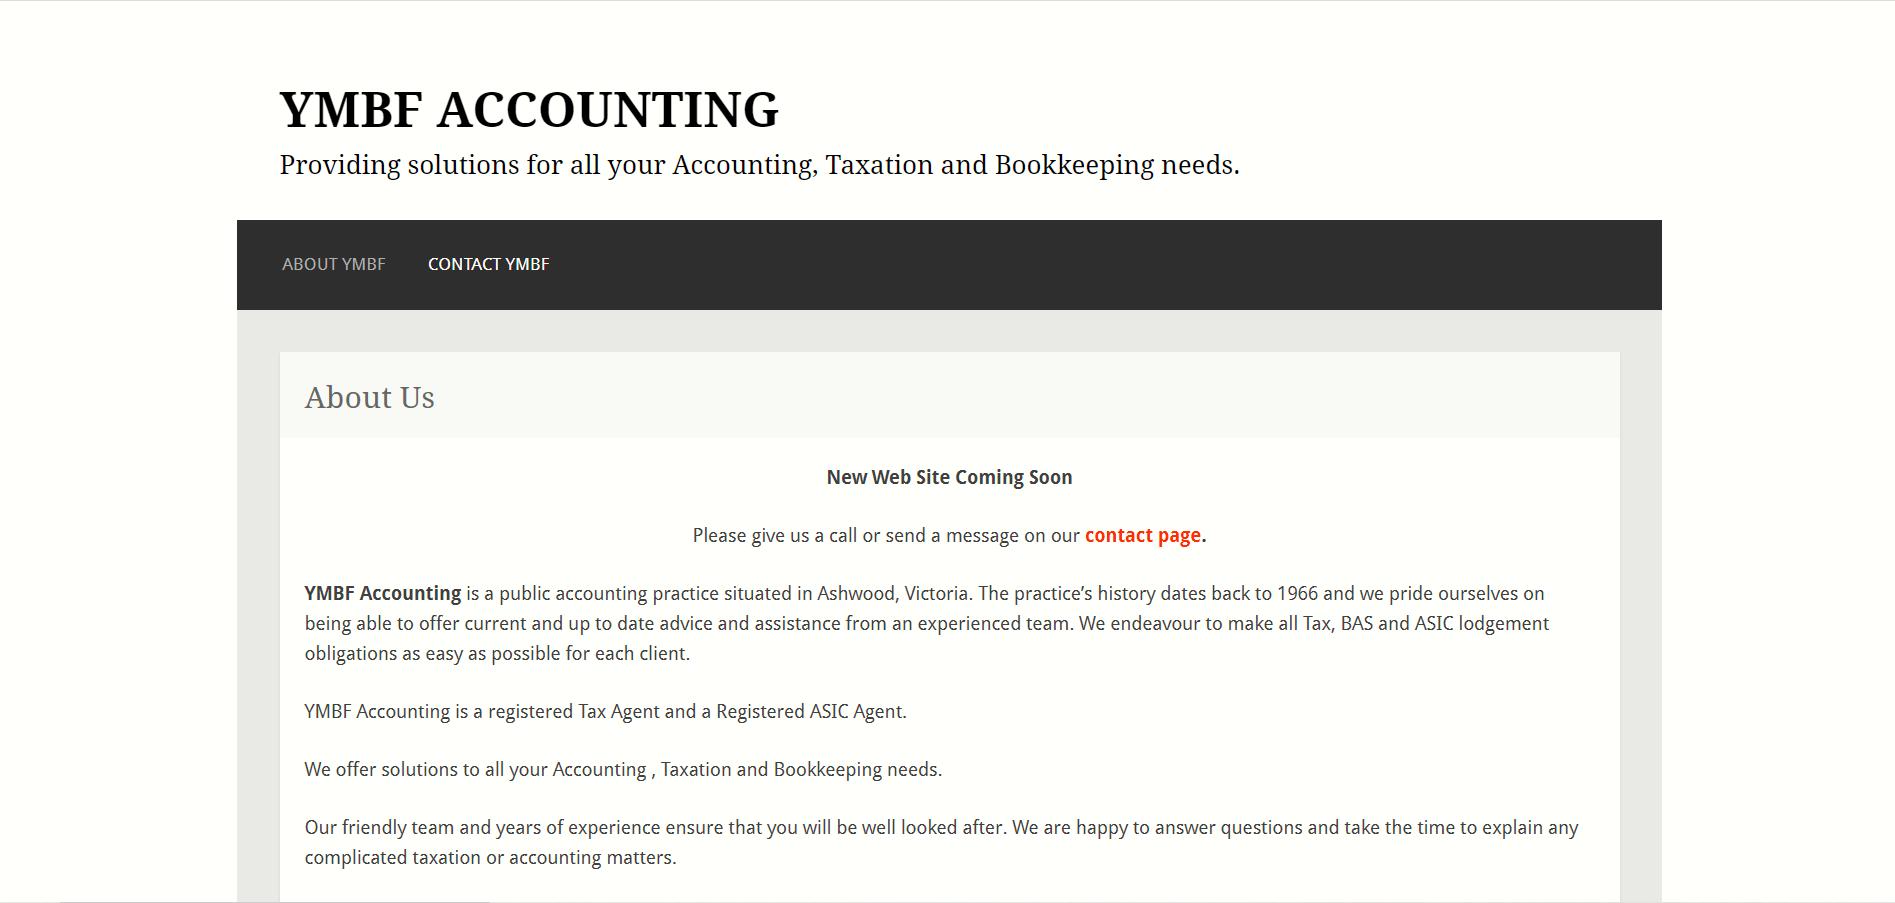 Ymbf Accounting